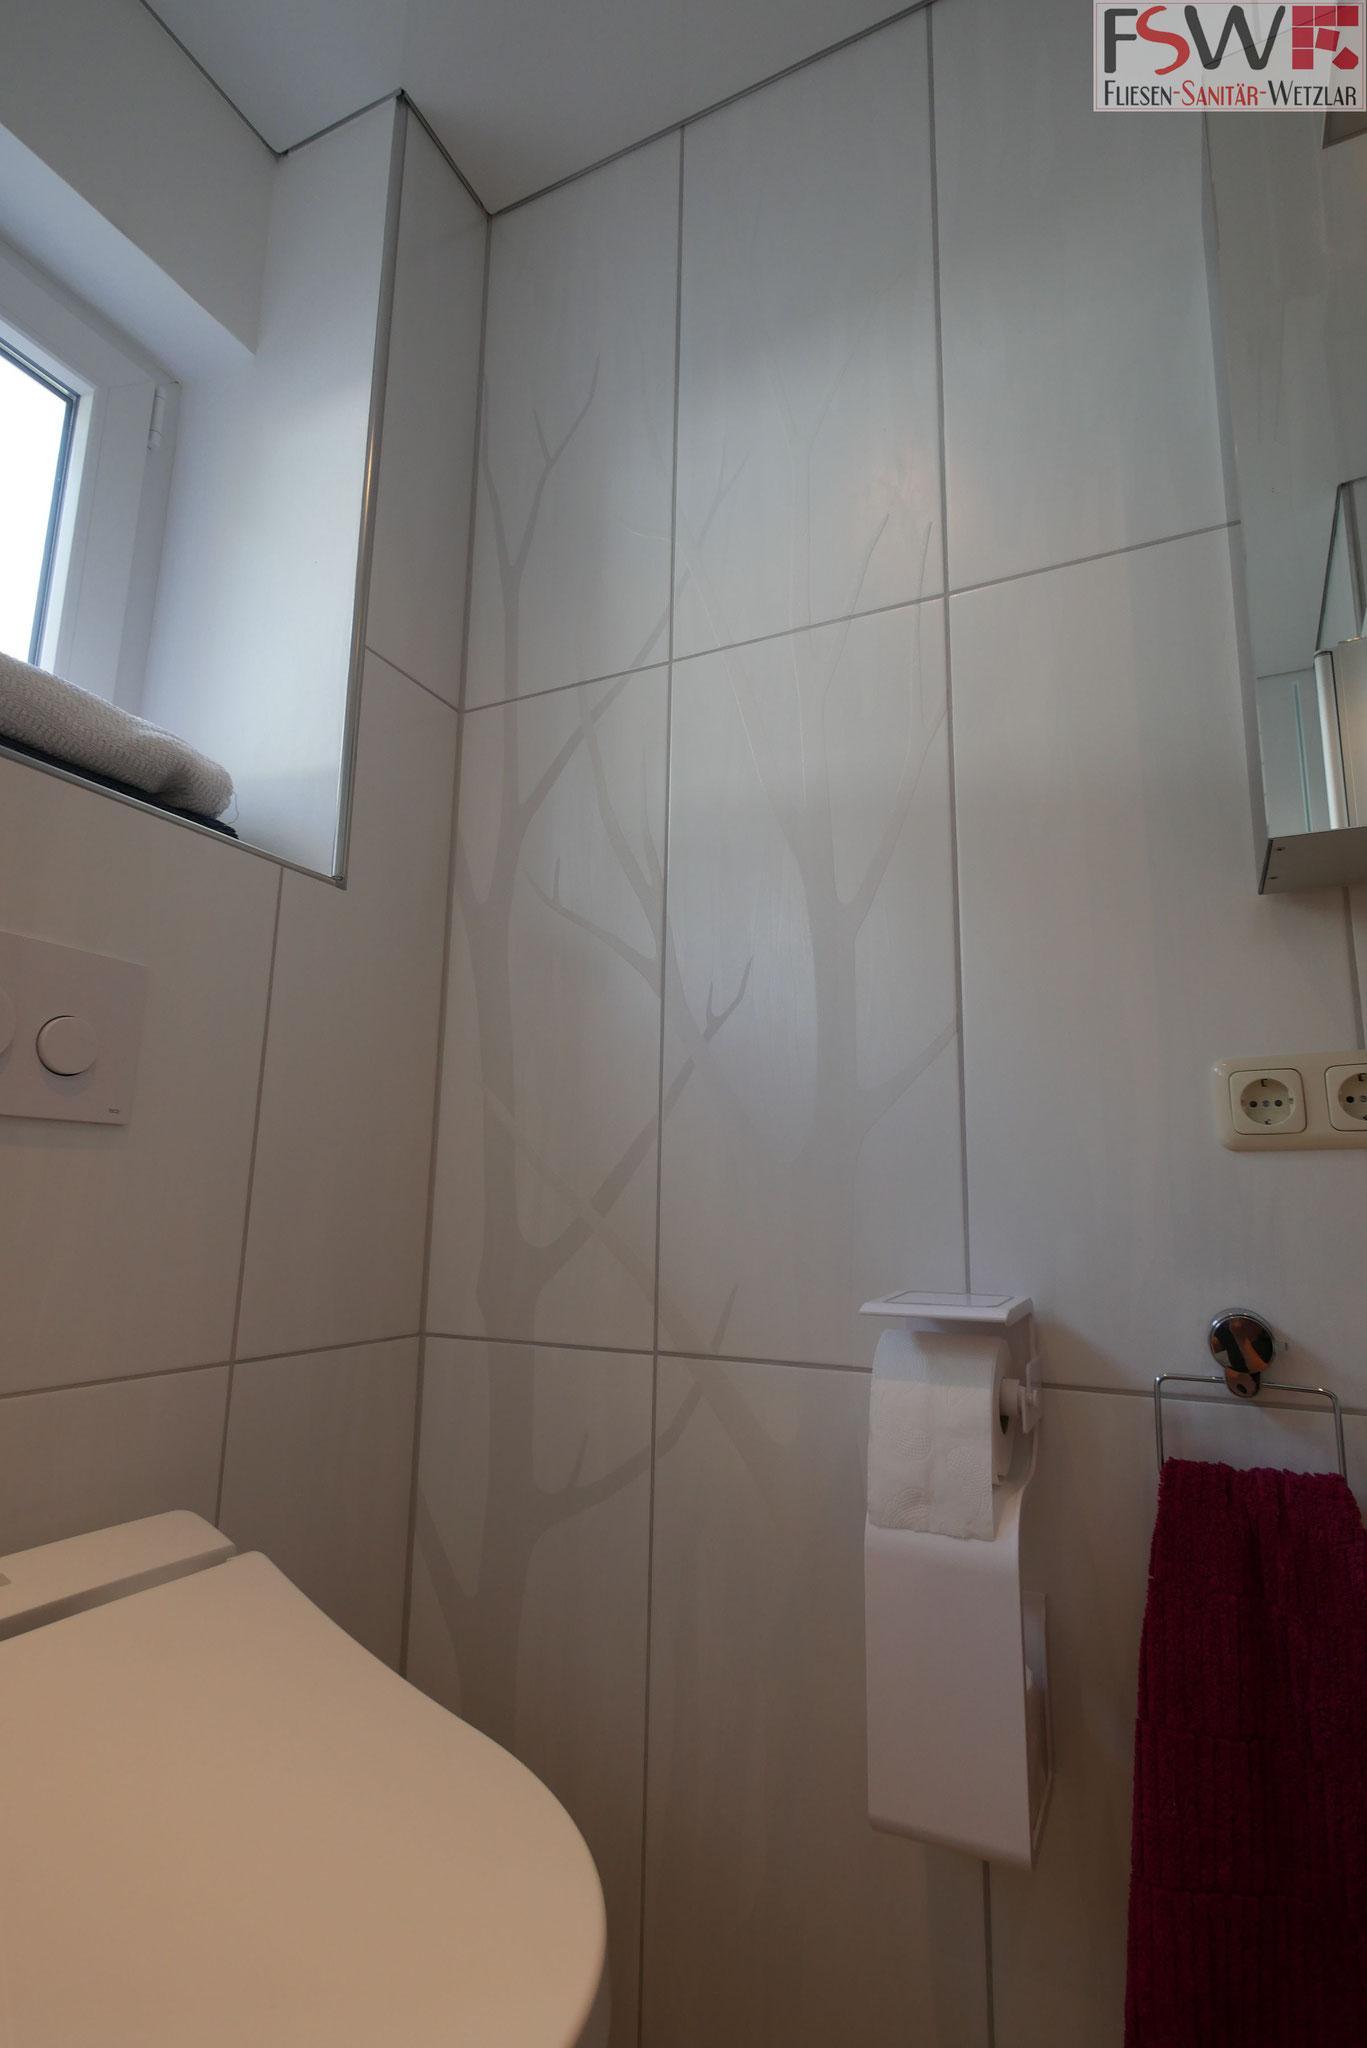 Fliesen Fliesen Sanitär Wetzlar FSW GmbH & Co KG